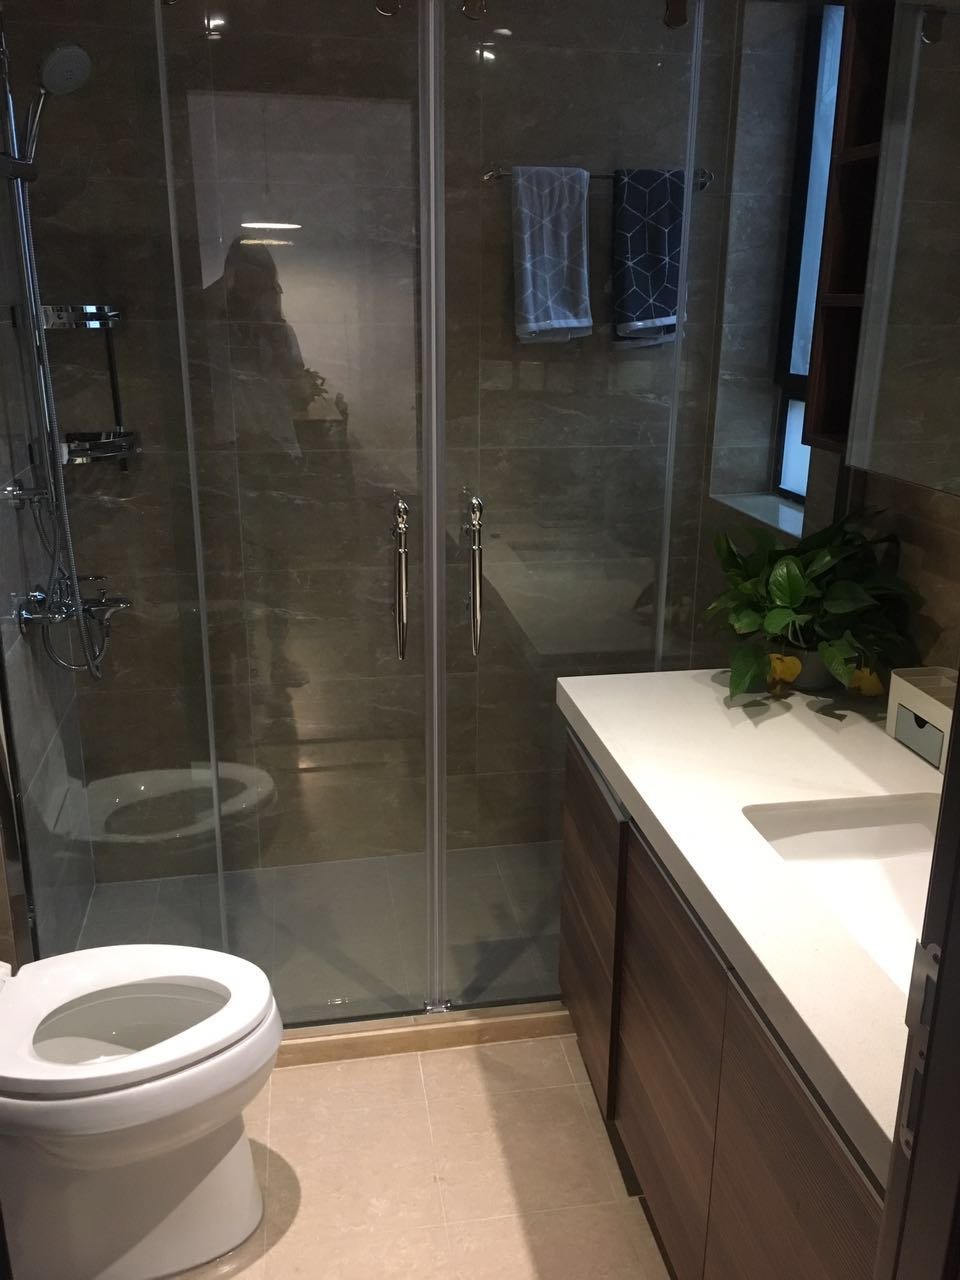 爱空间标配的卫浴间,通透和谐。